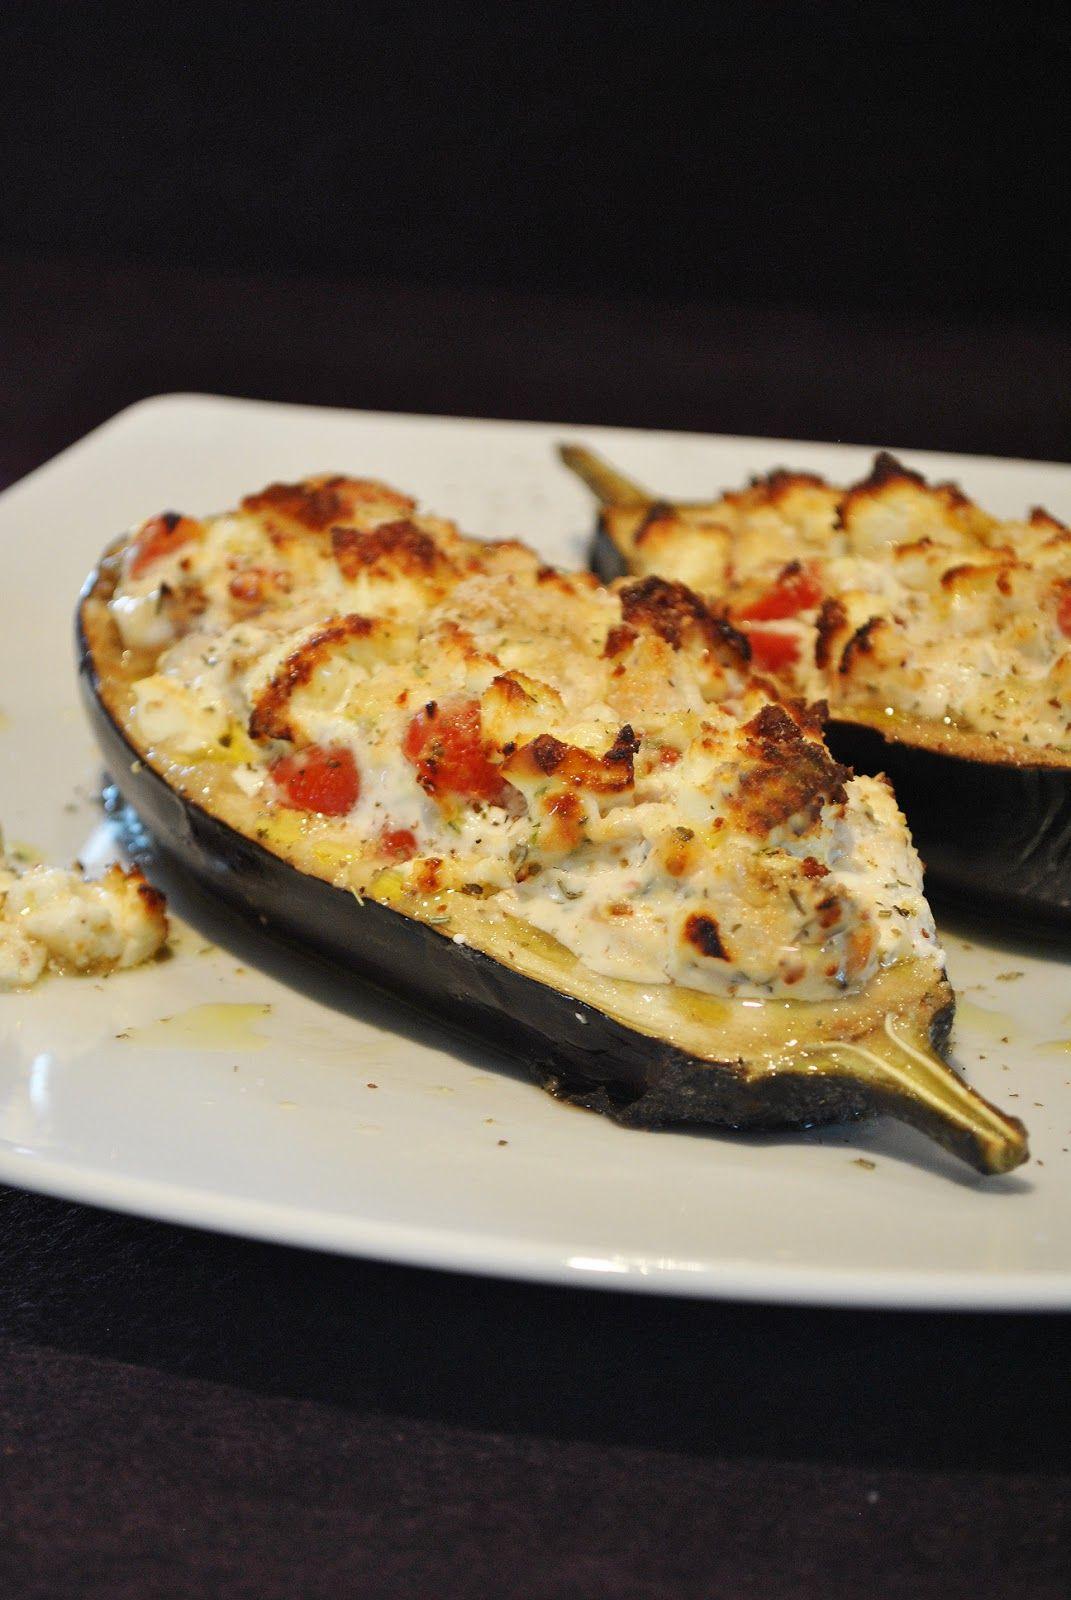 Gefüllte Aubergine mit Tomaten & Schafskäse | Cooking ...